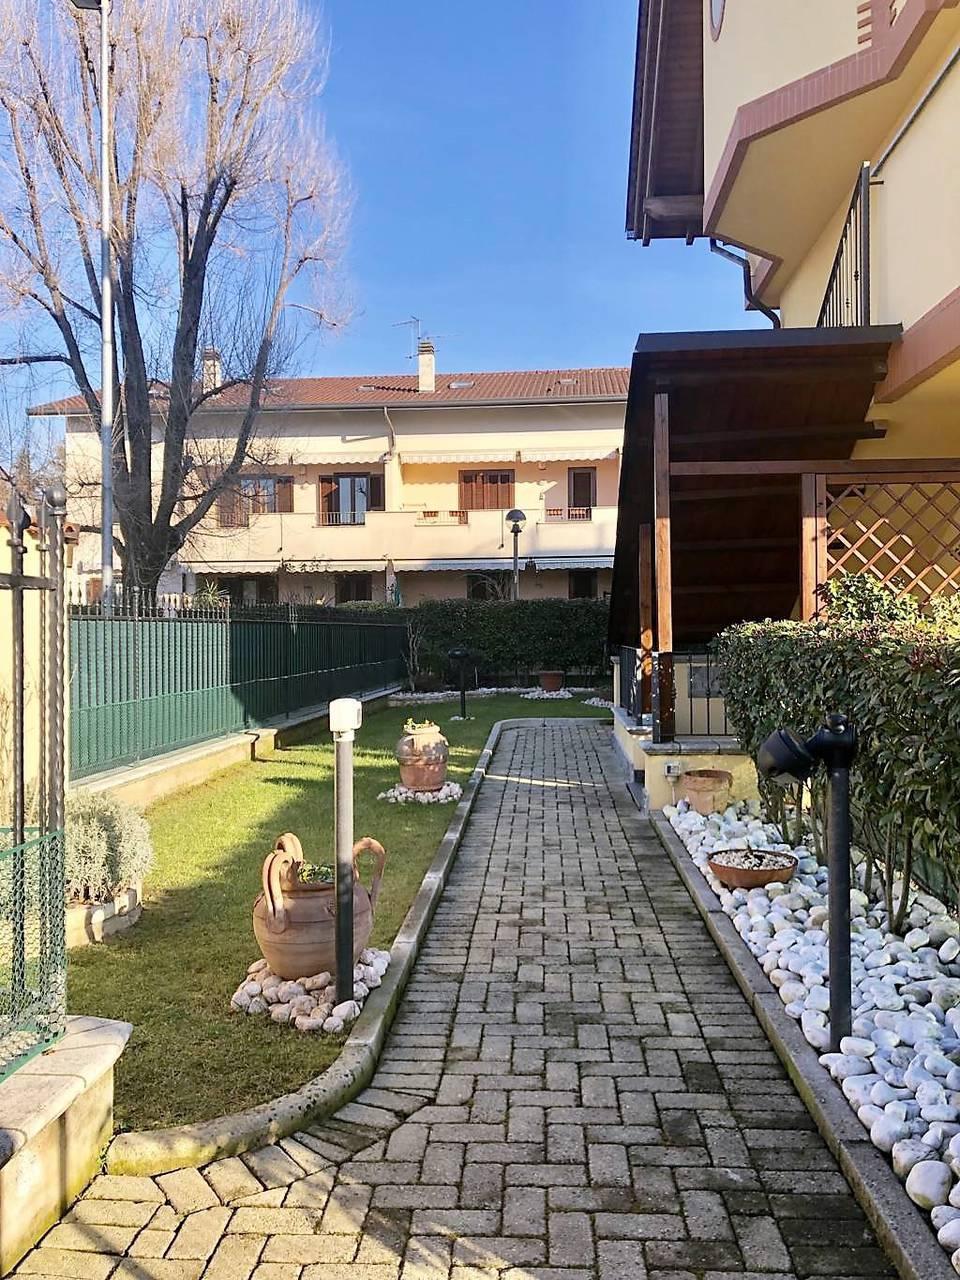 Appartamento-4-locali-con-giardino-in-vendita-a-Carnate-7